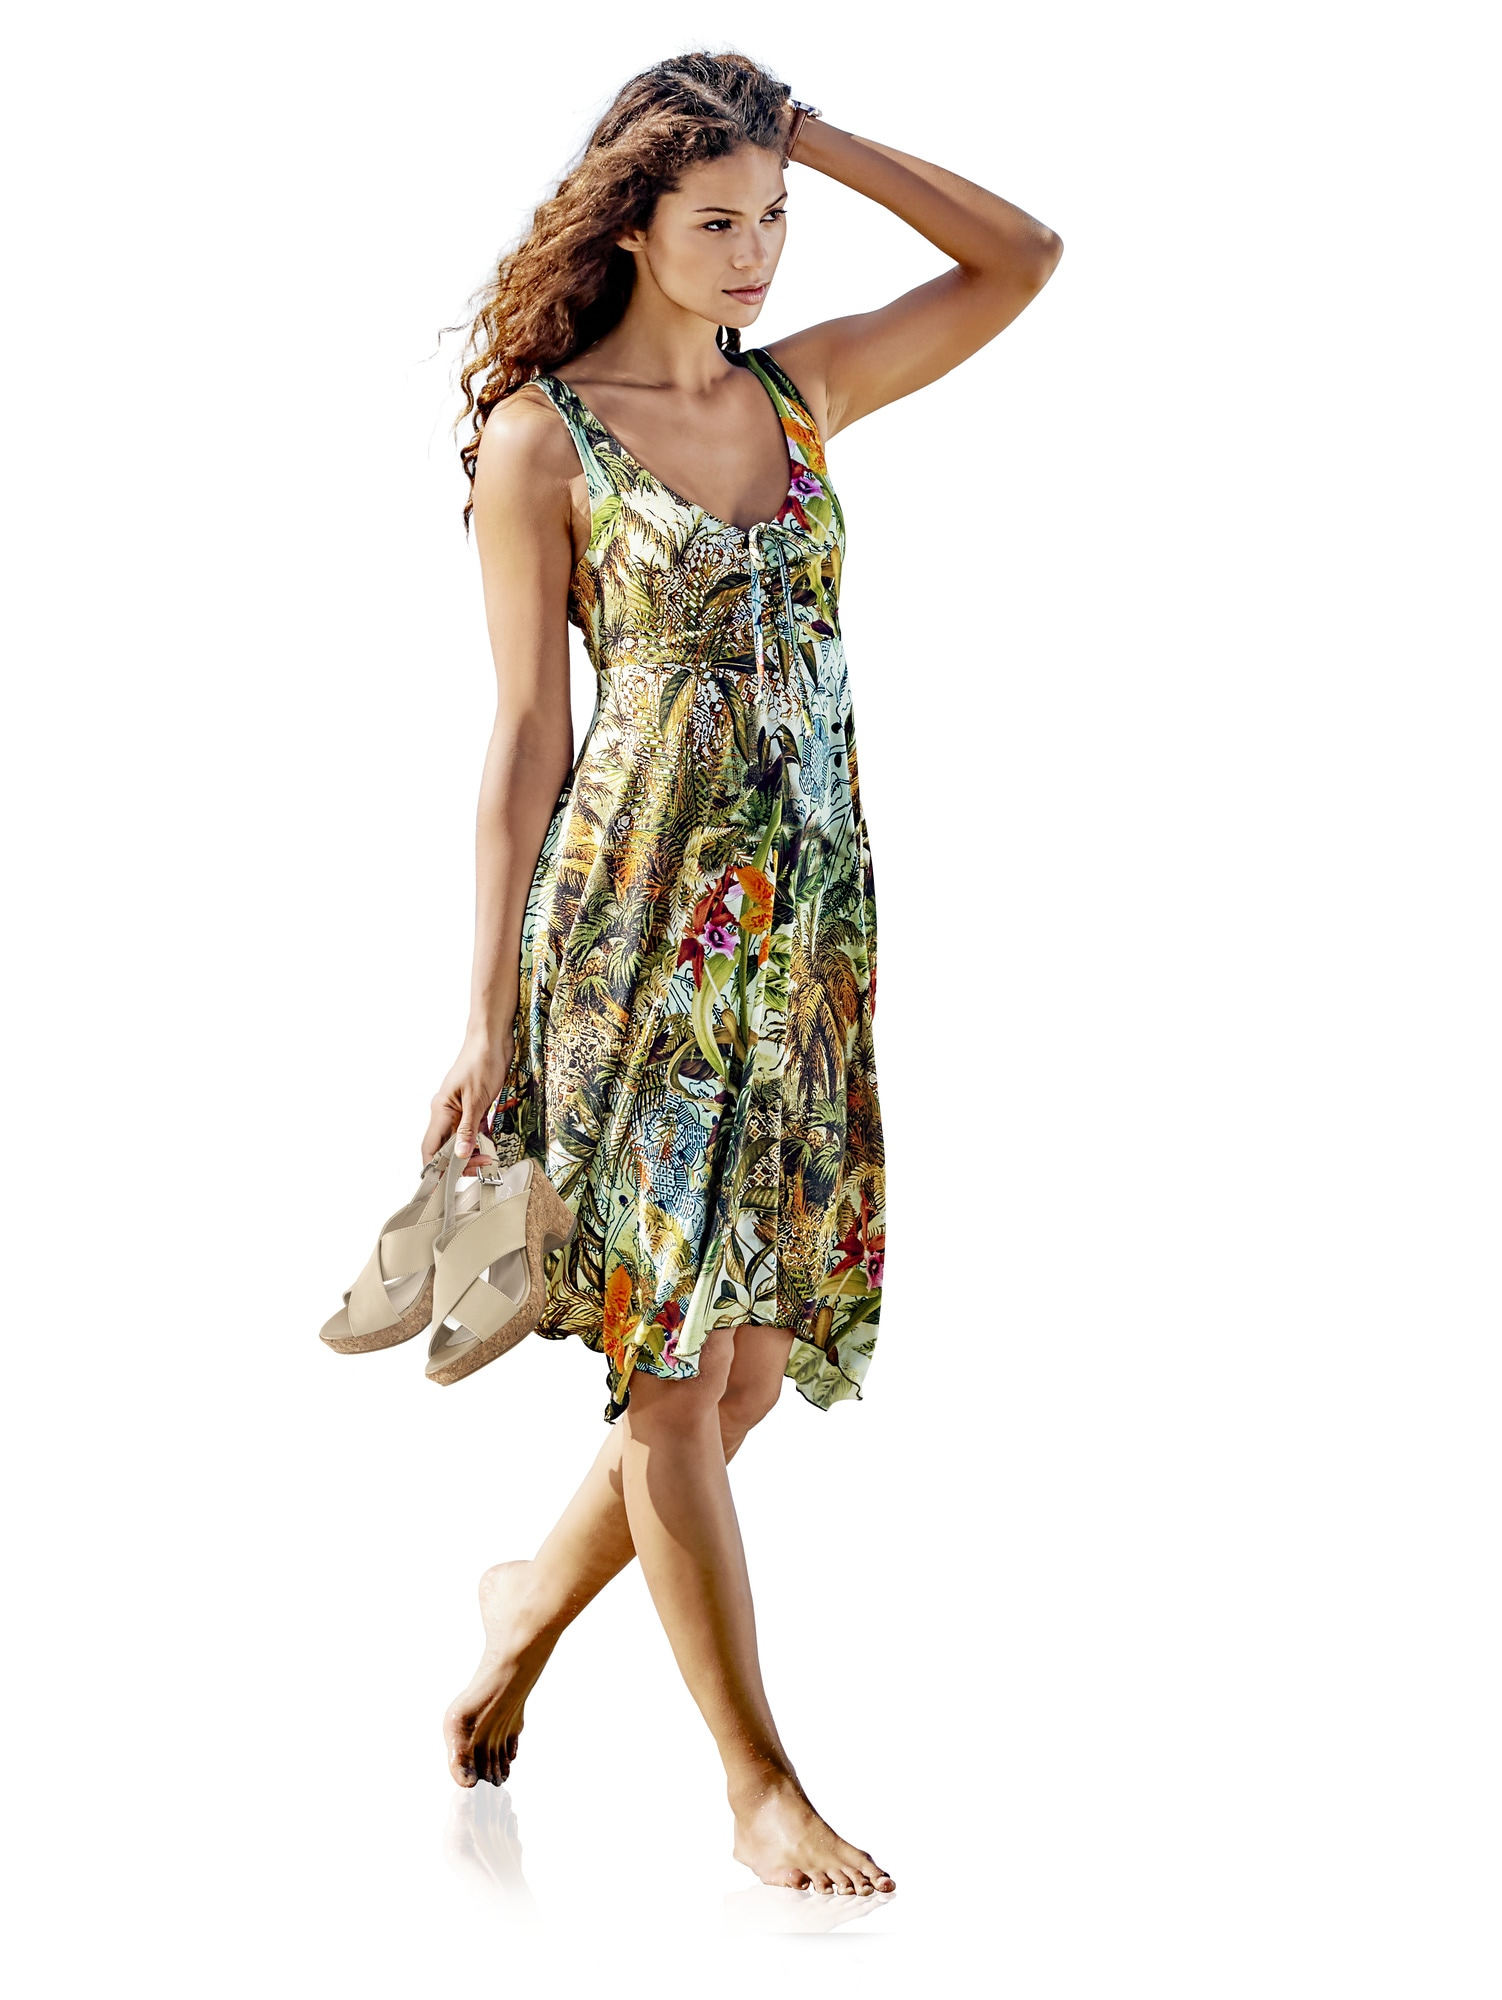 Druckkleid mit Blumen | Bekleidung > Kleider > Druckkleider | Ashley Brooke By Heine